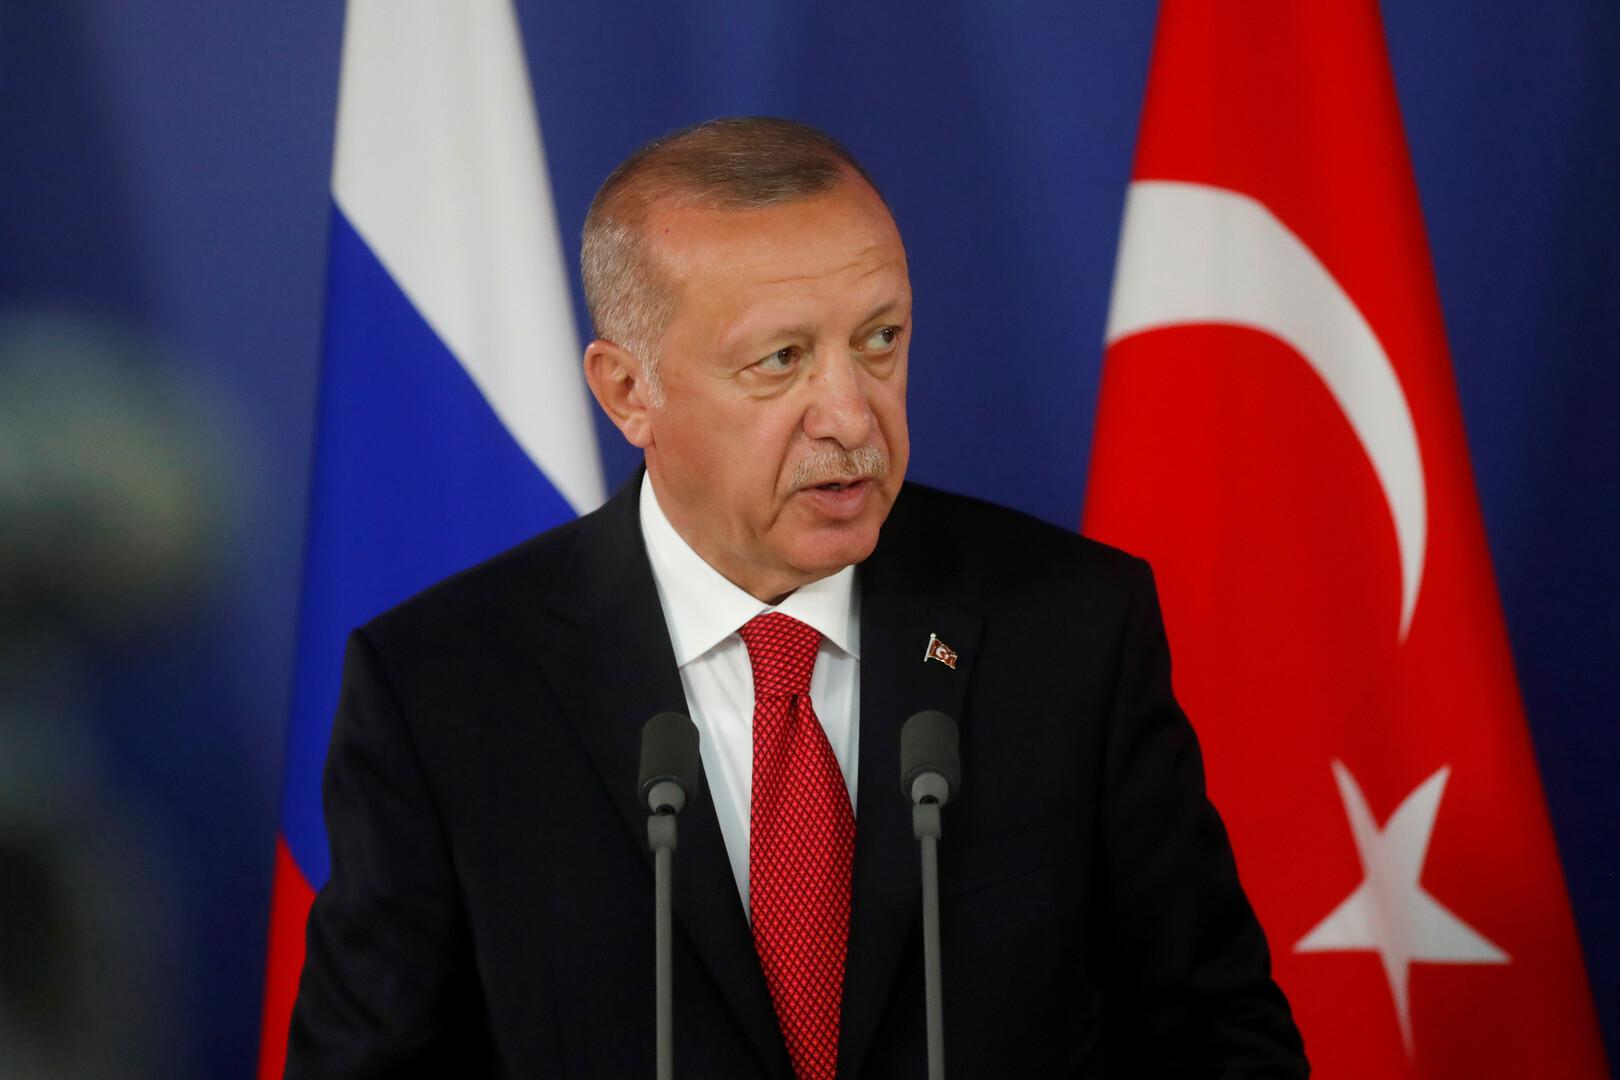 أردوغان يهدد بعملية في سوريا إن لم يتوصل إلى نتيجة بشأن المنطقة الآمنة خلال أسبوعين